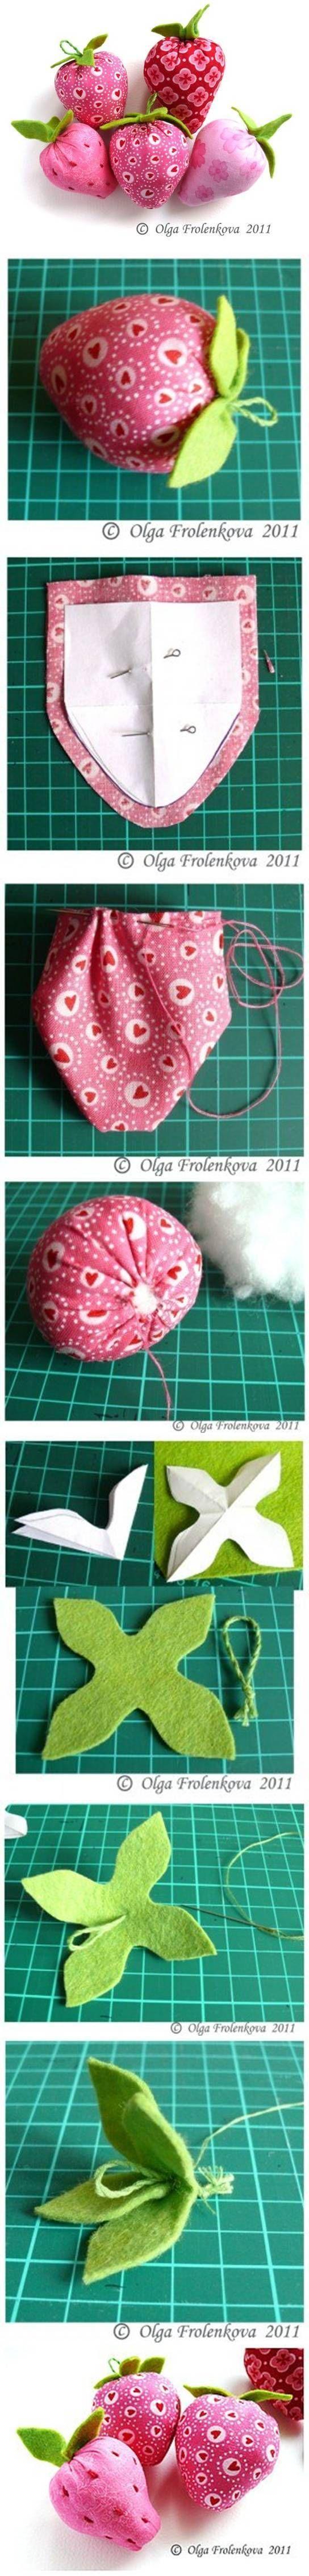 DIY Sew Fabric #bird of paradise| http://beautifulbirdofparadise536.hana.lemoncoin.org